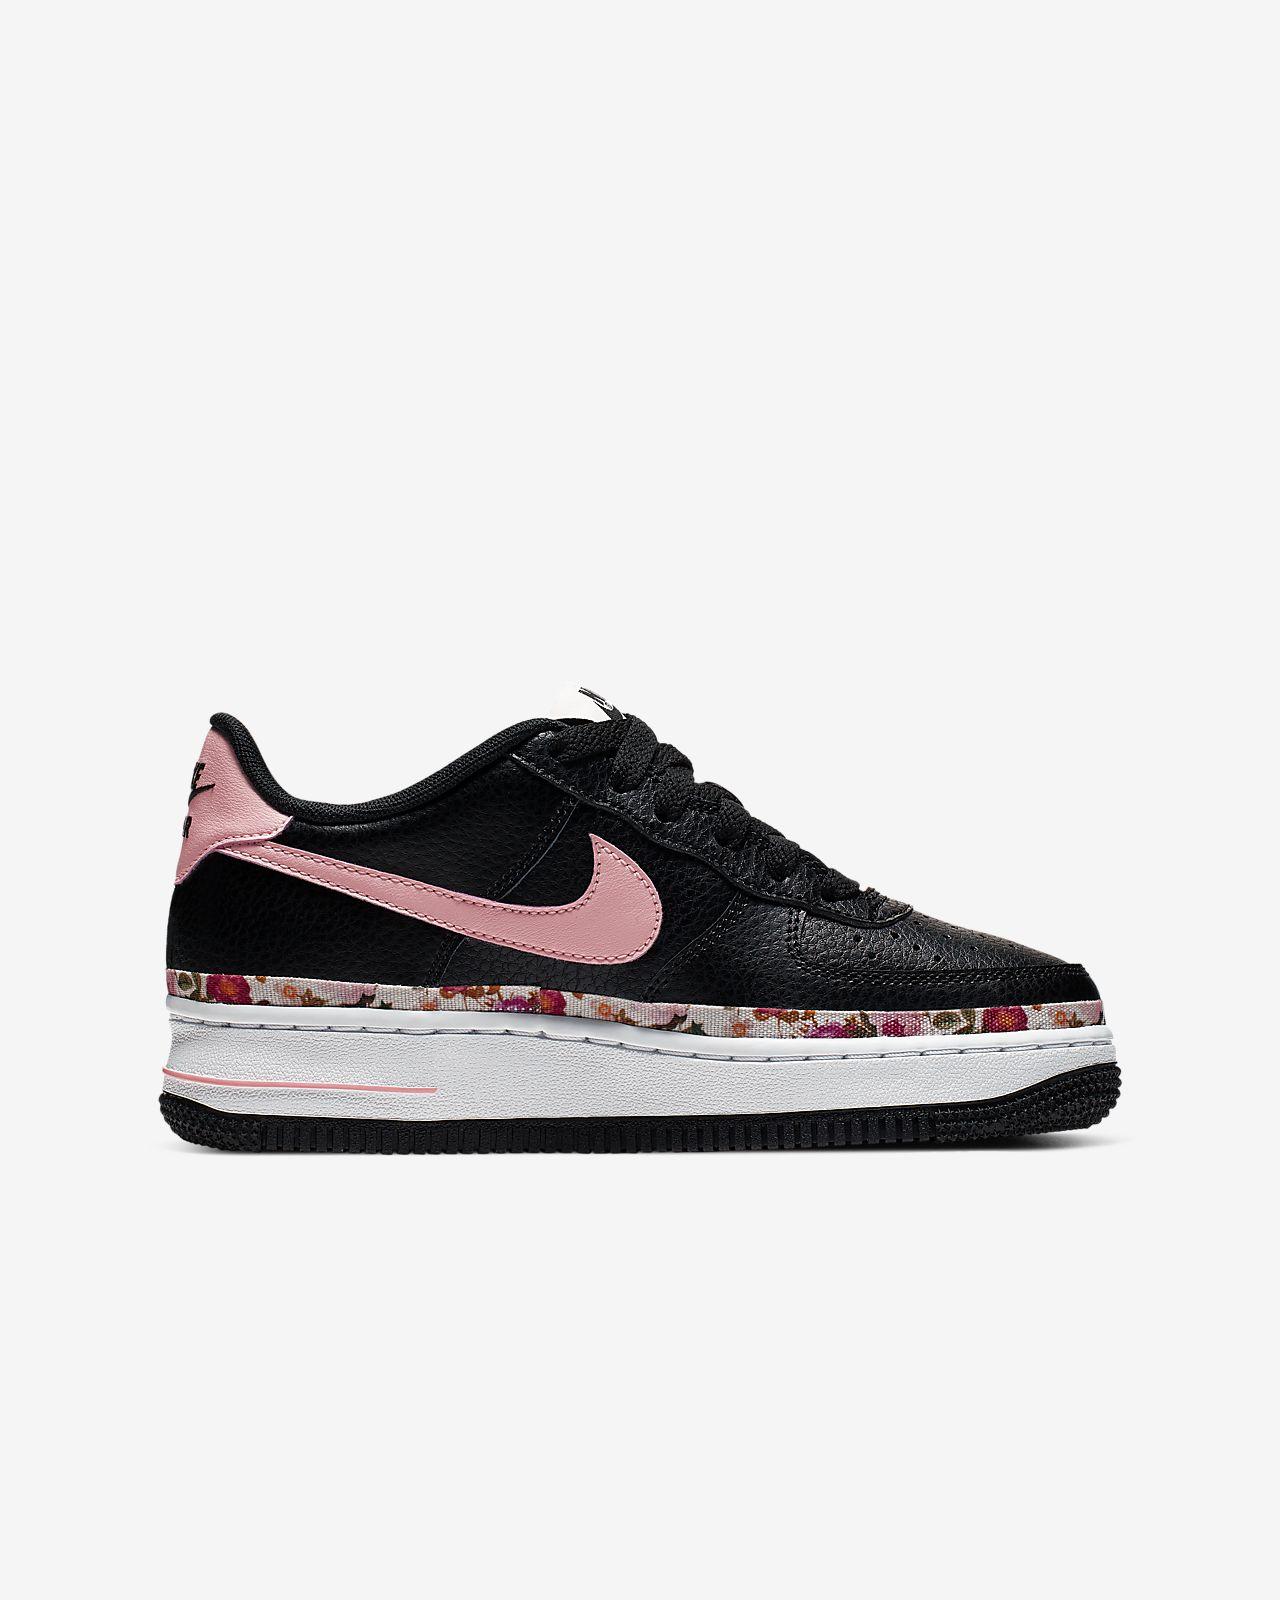 Âgé Chaussure Vintage Pour Air Force Plus Floral Enfant 1 Nike mwyNPnv80O